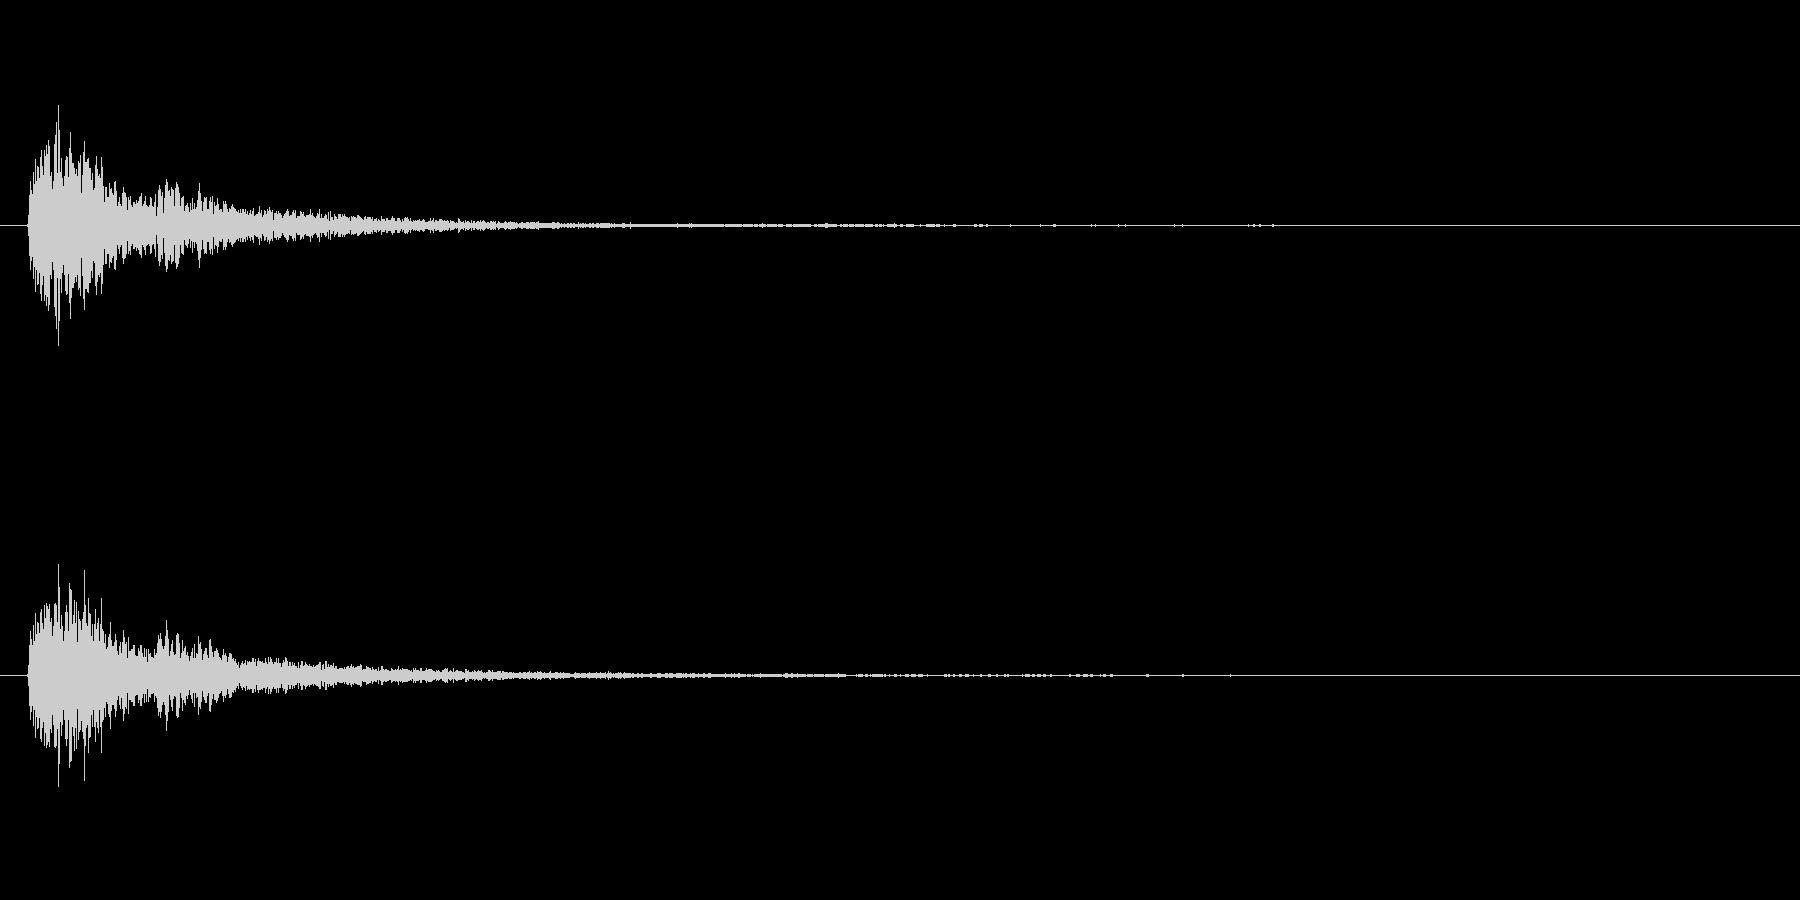 ダークな効果音「キュピッ」の未再生の波形